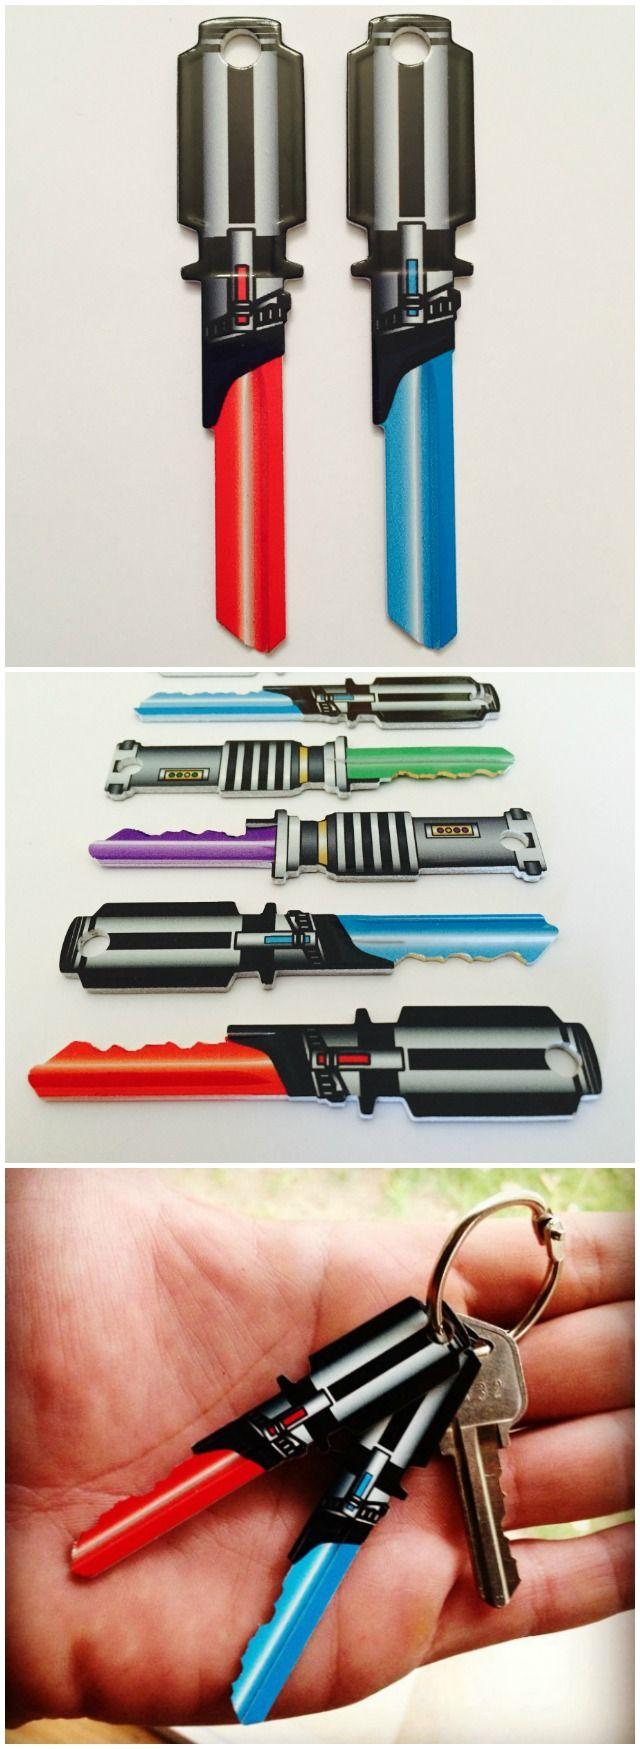 Blank keys shaped like Lightsabers. I want!!!